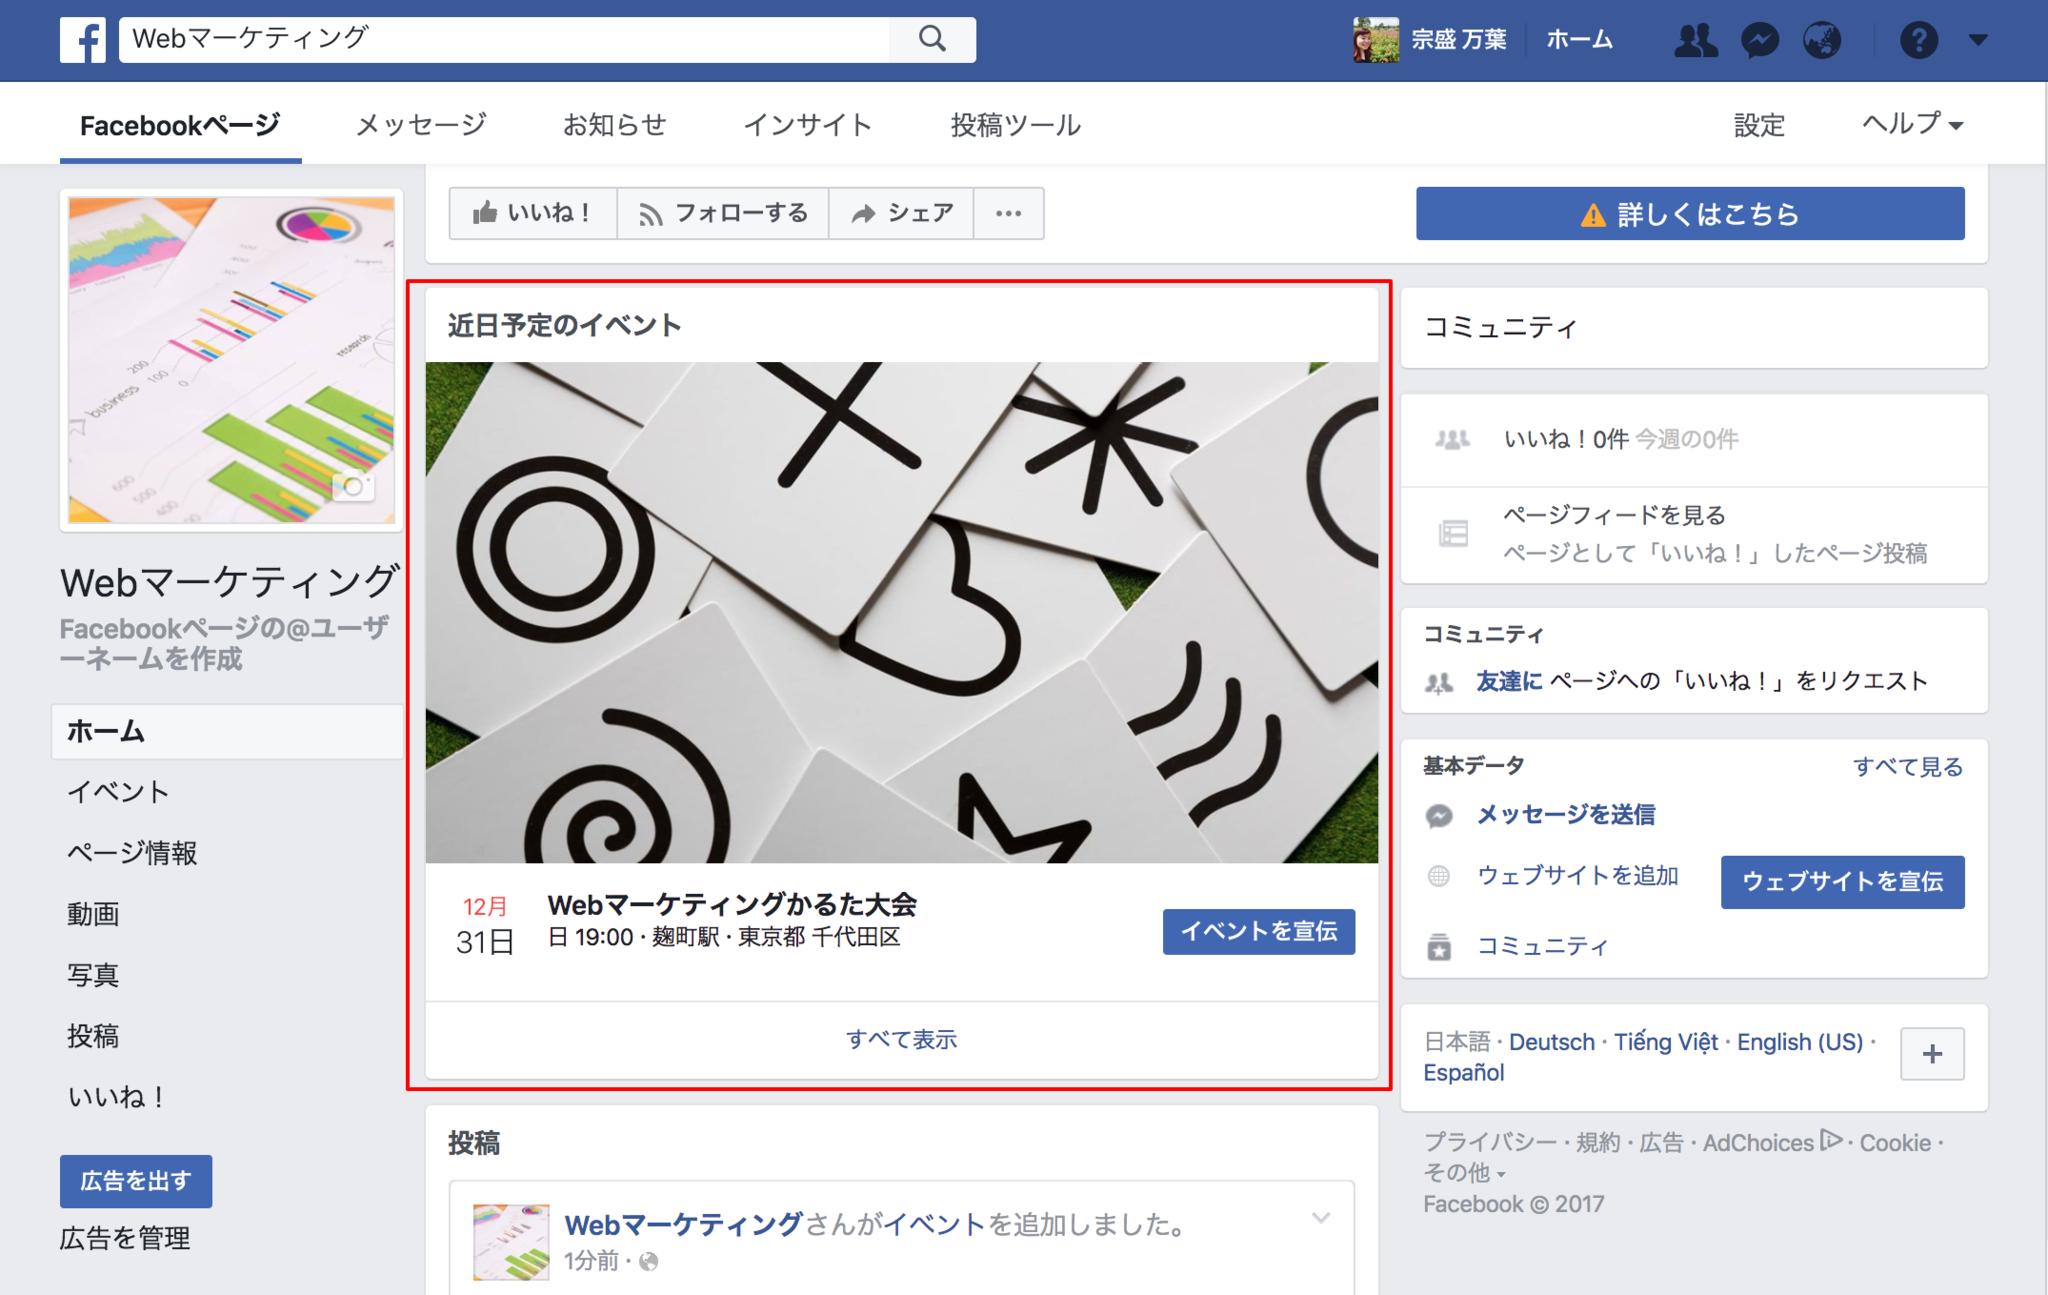 Webマーケティング___ホーム_(1).png